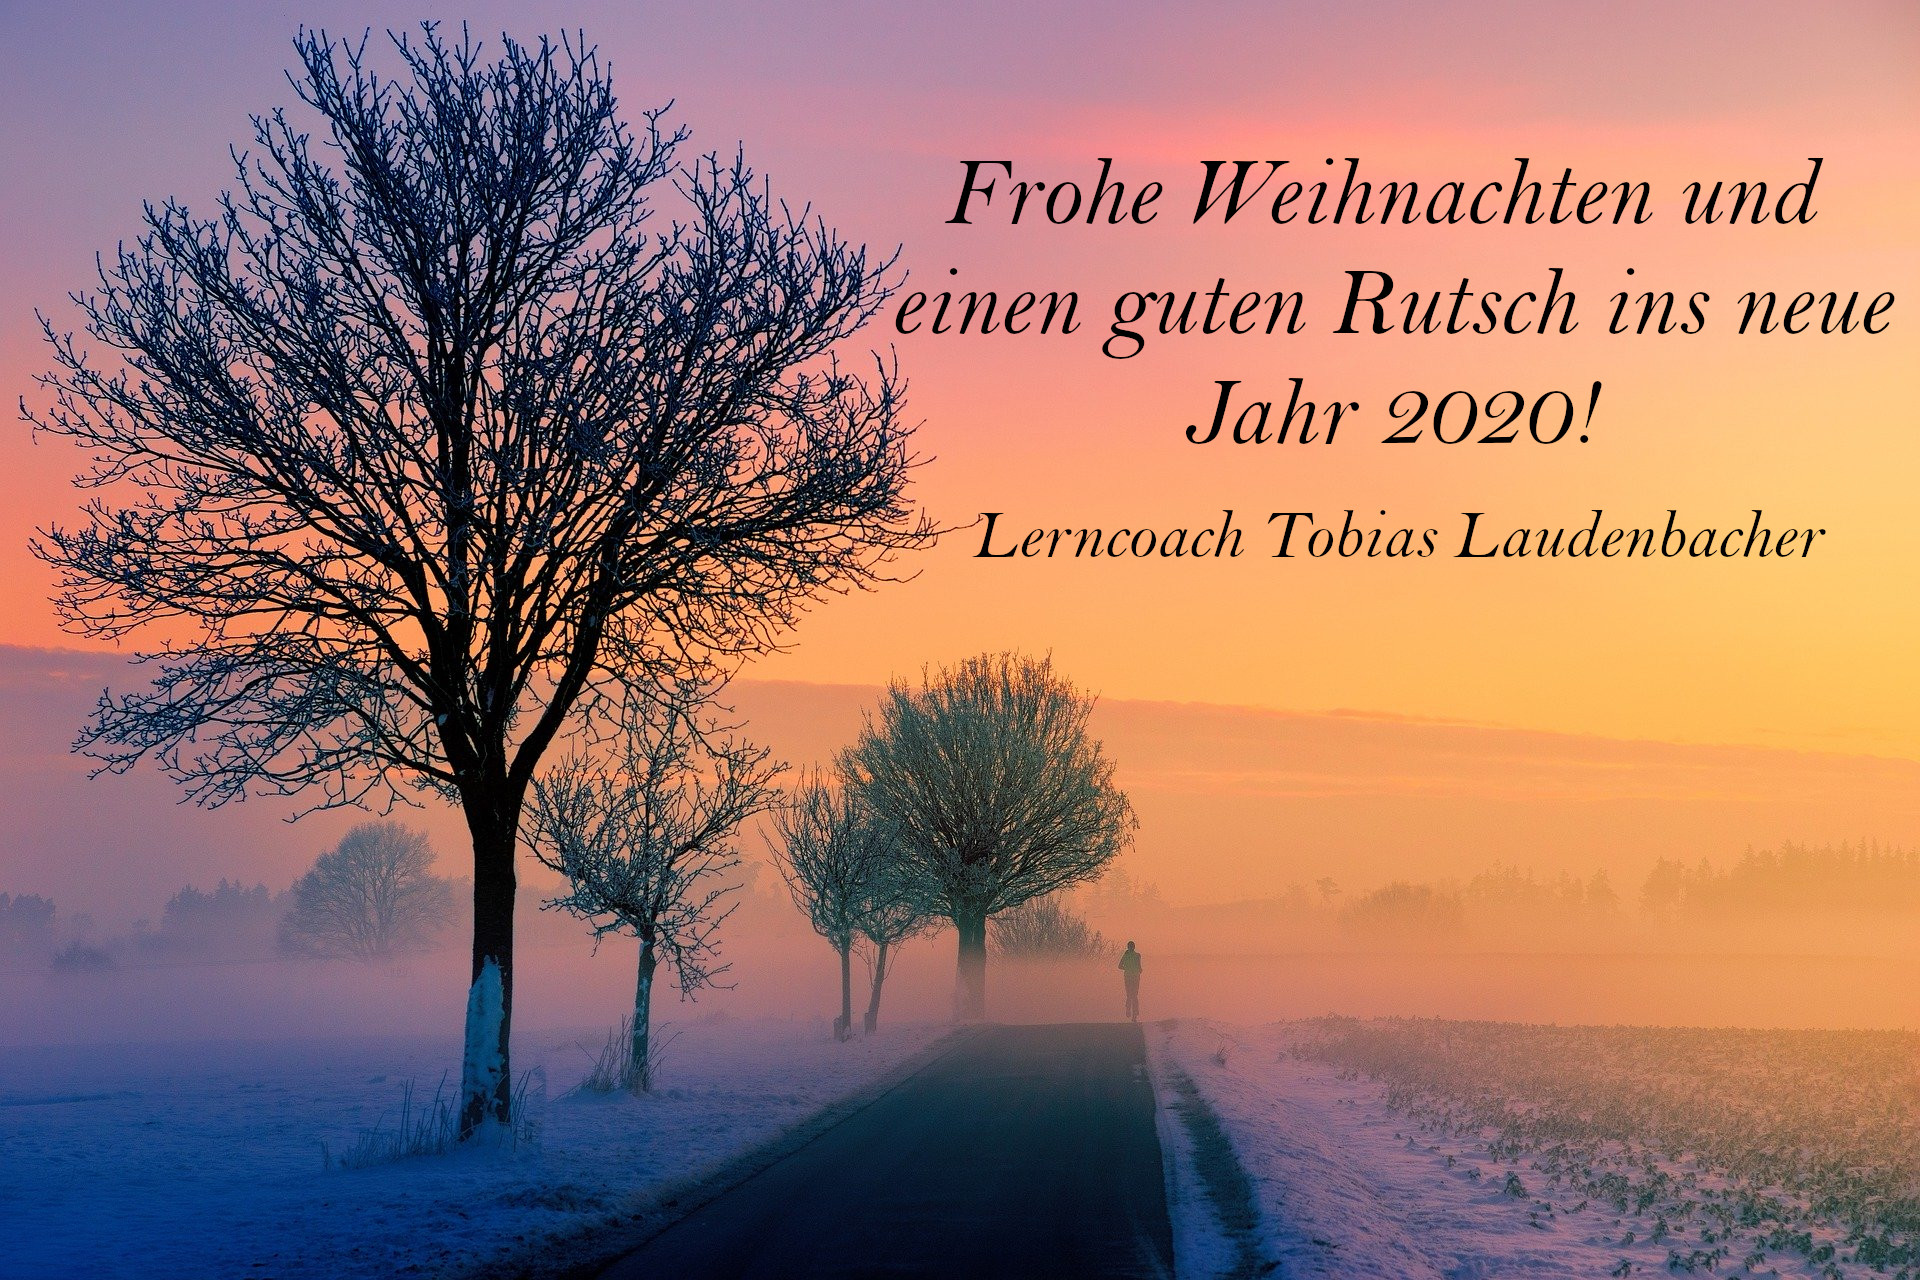 Frohe Weihnachten 2019 Lerncoach Tobias Laudenbacher